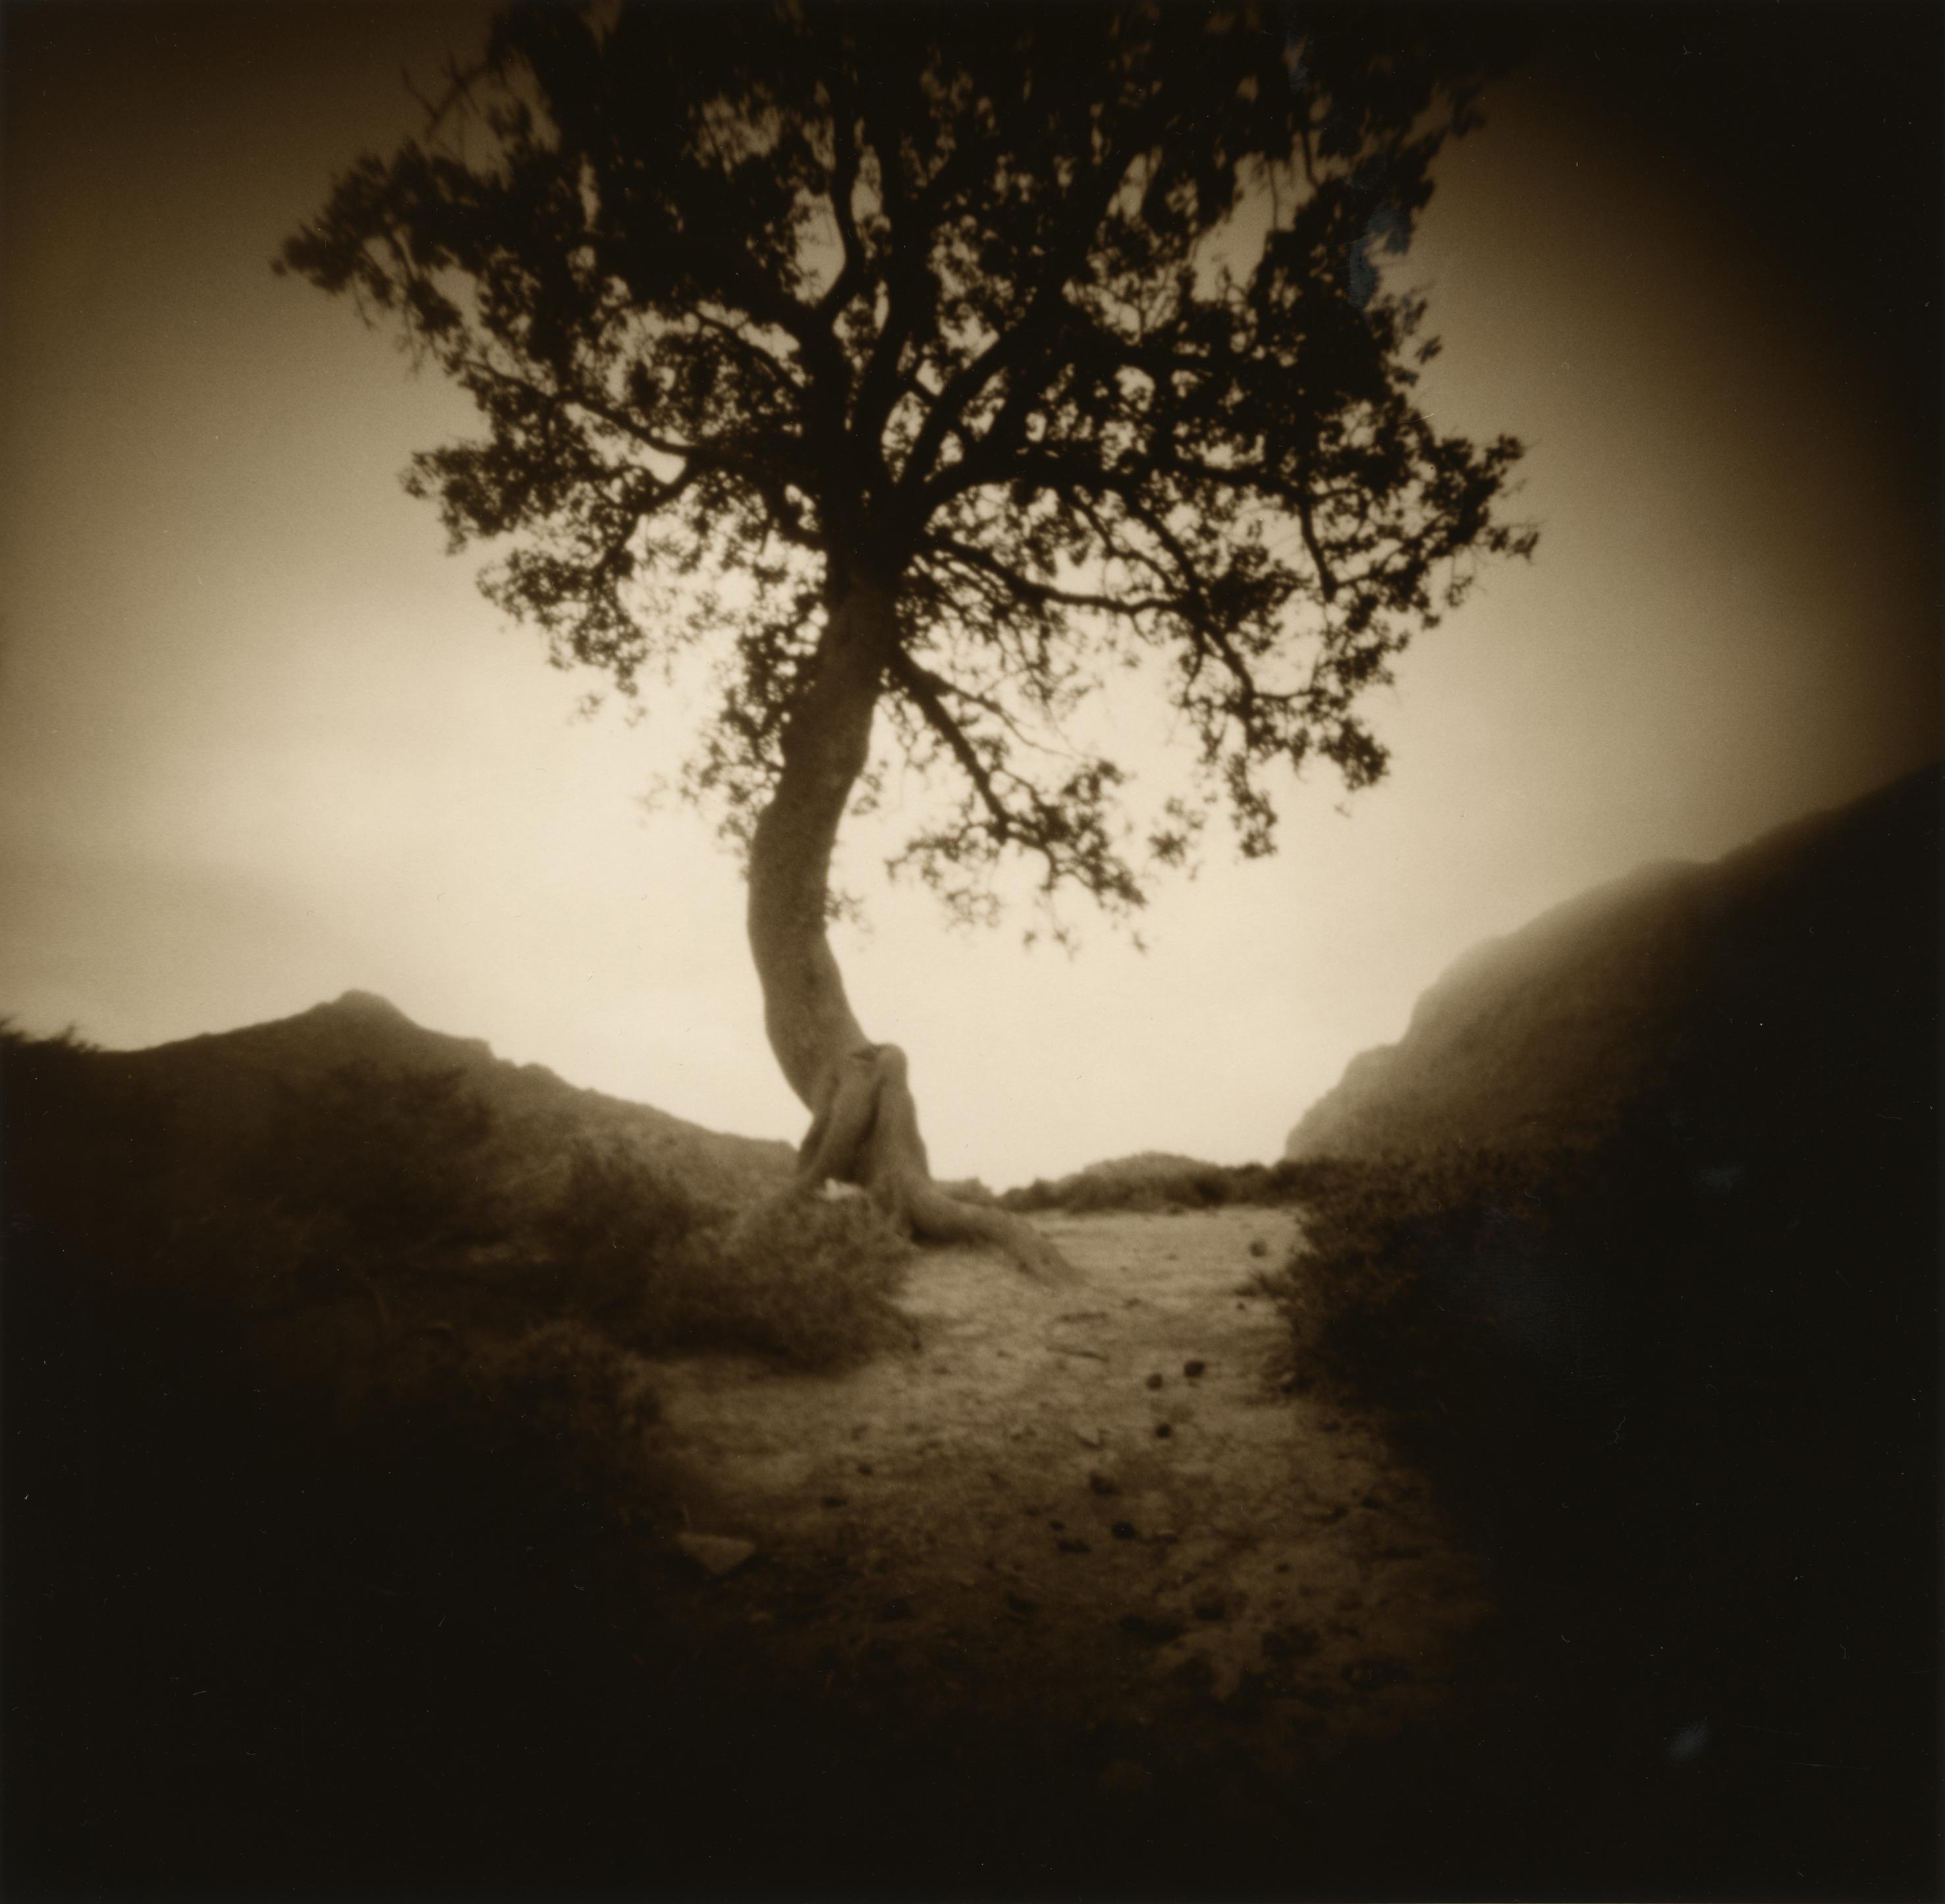 Arbor Creta